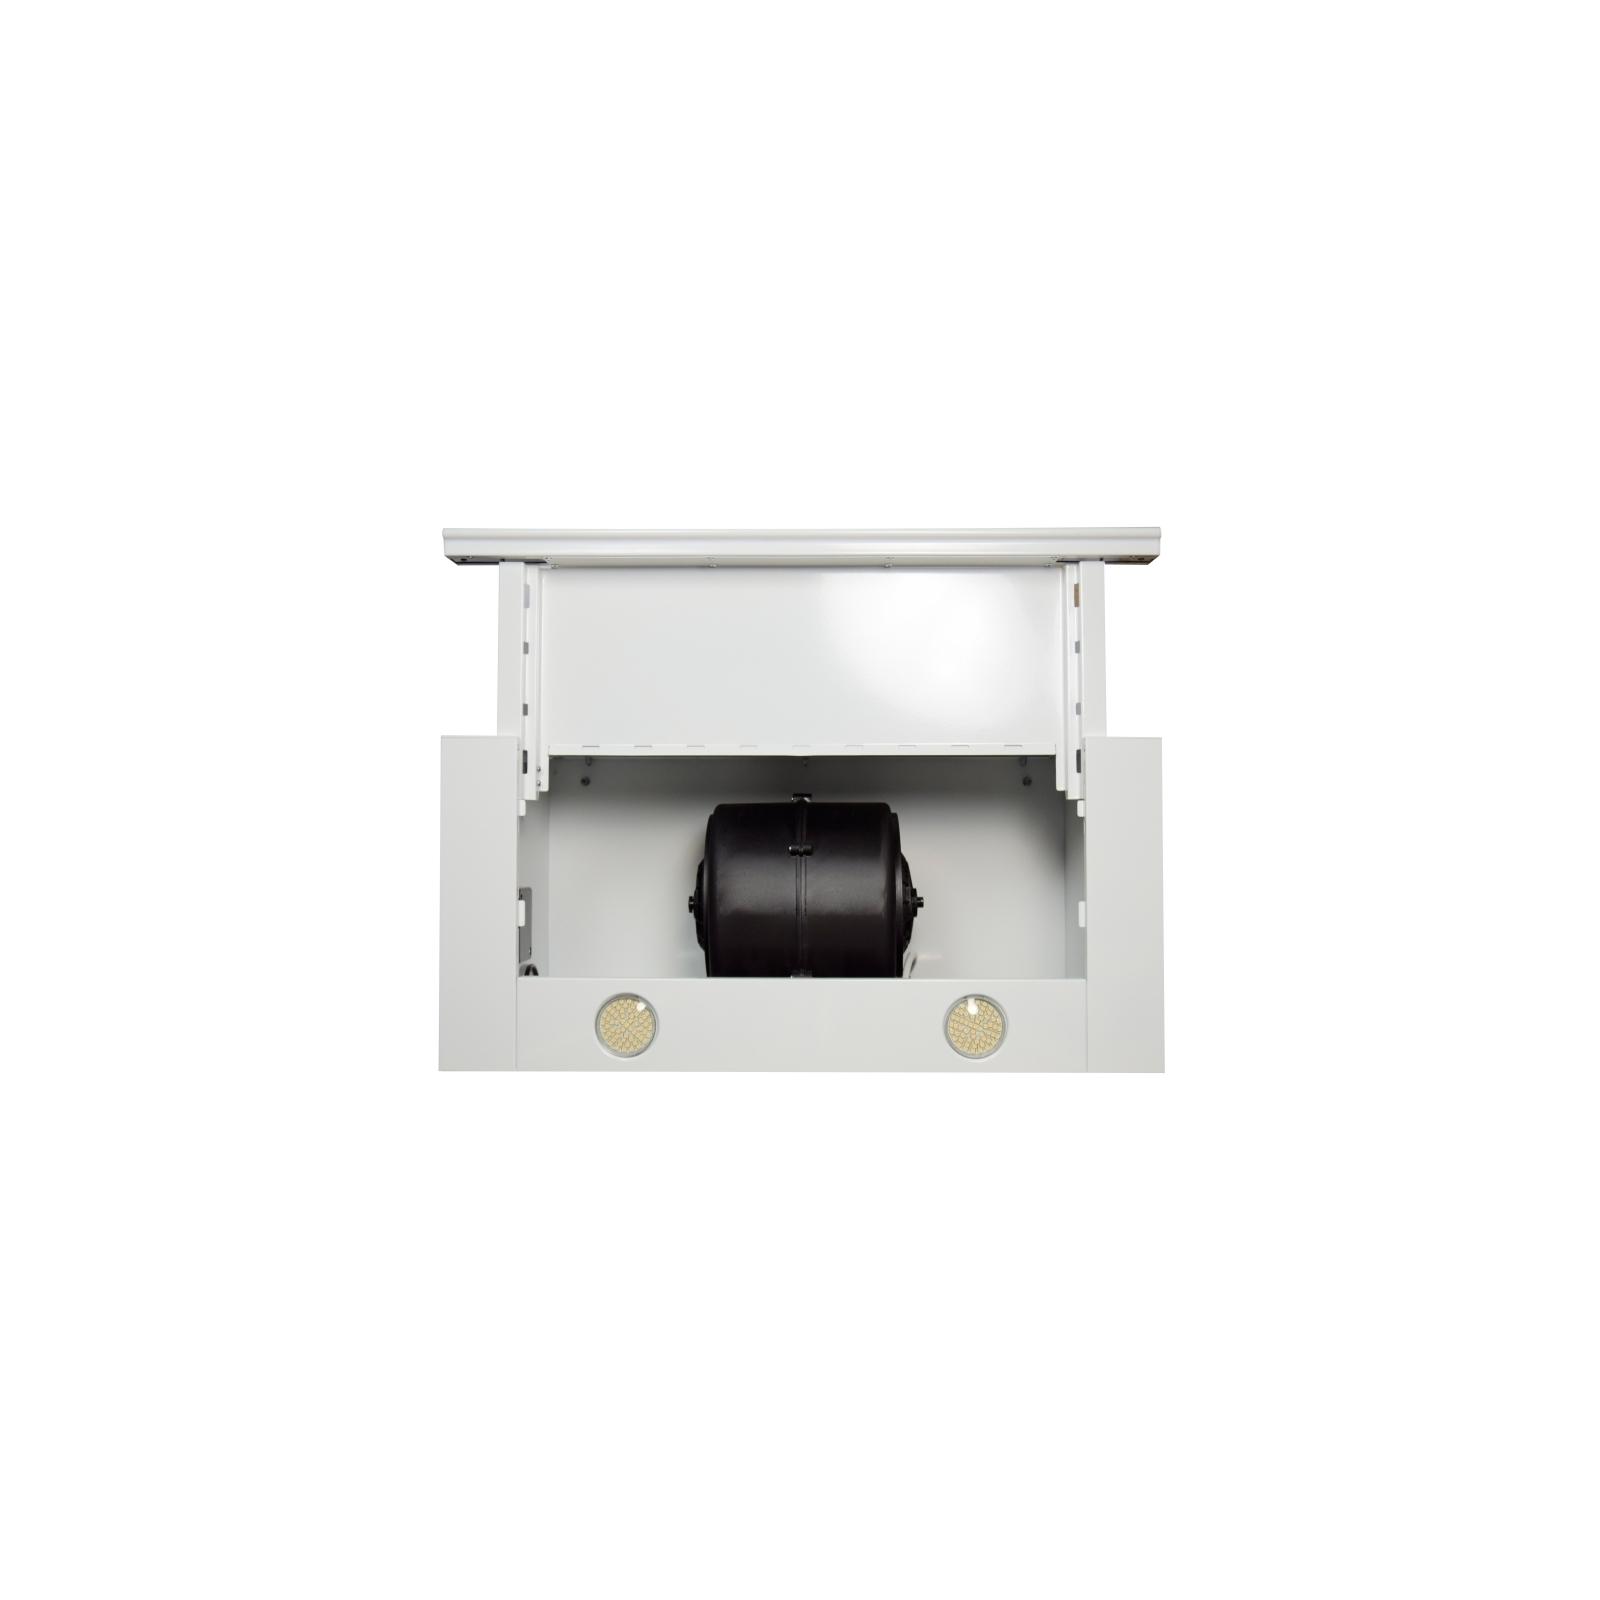 Вытяжка кухонная ELEYUS Storm 1200 LED 60 WH изображение 5